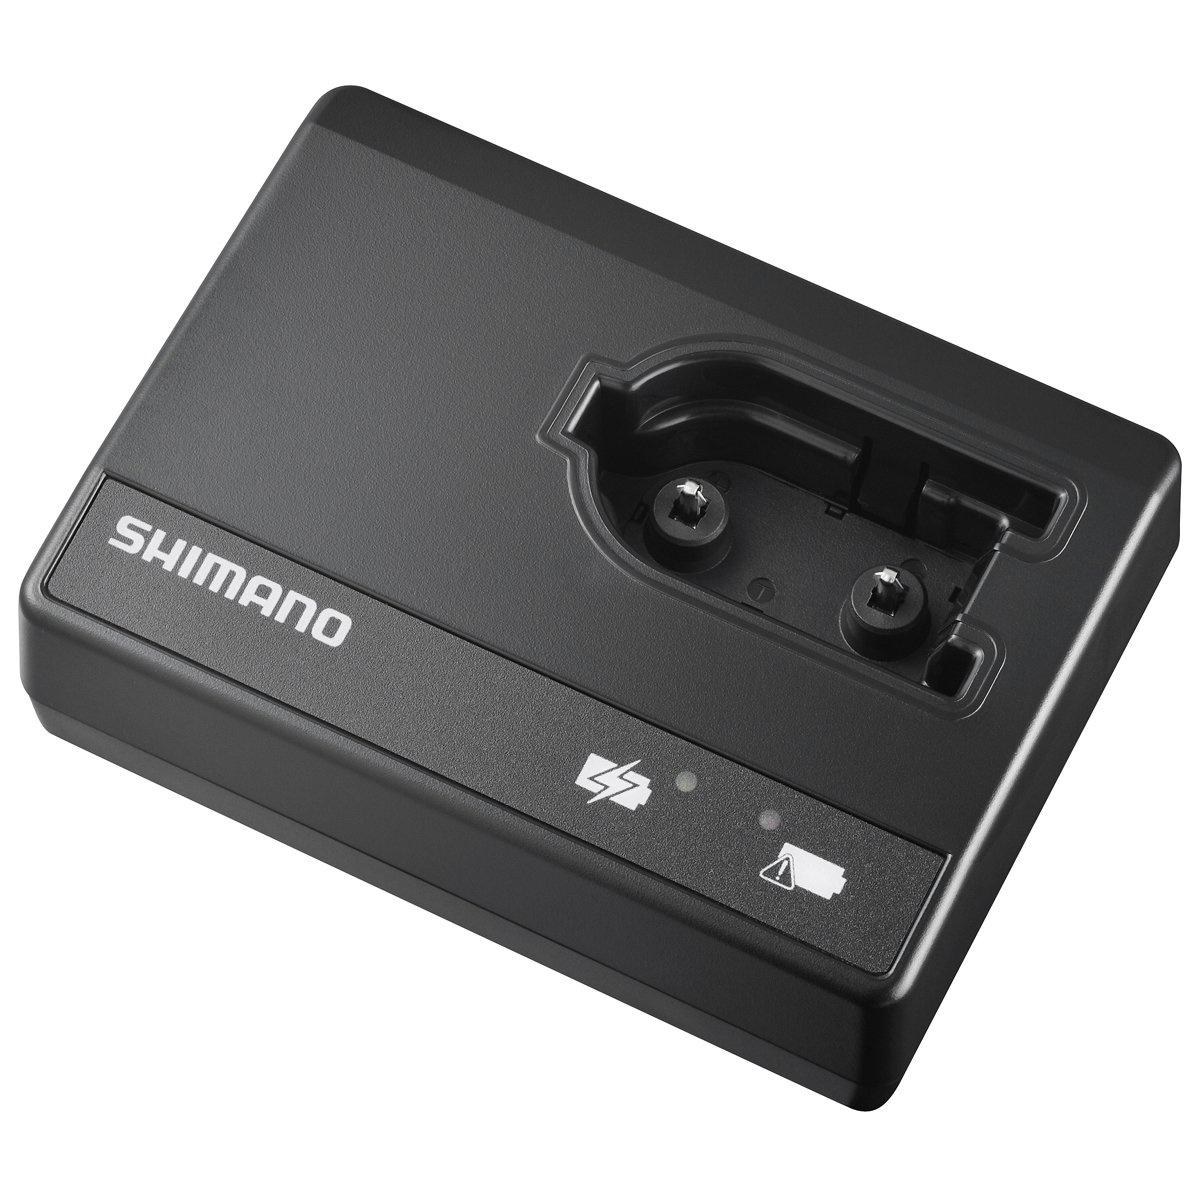 Shimano Batteri oplader til Dura Ace/Ultegra DI2